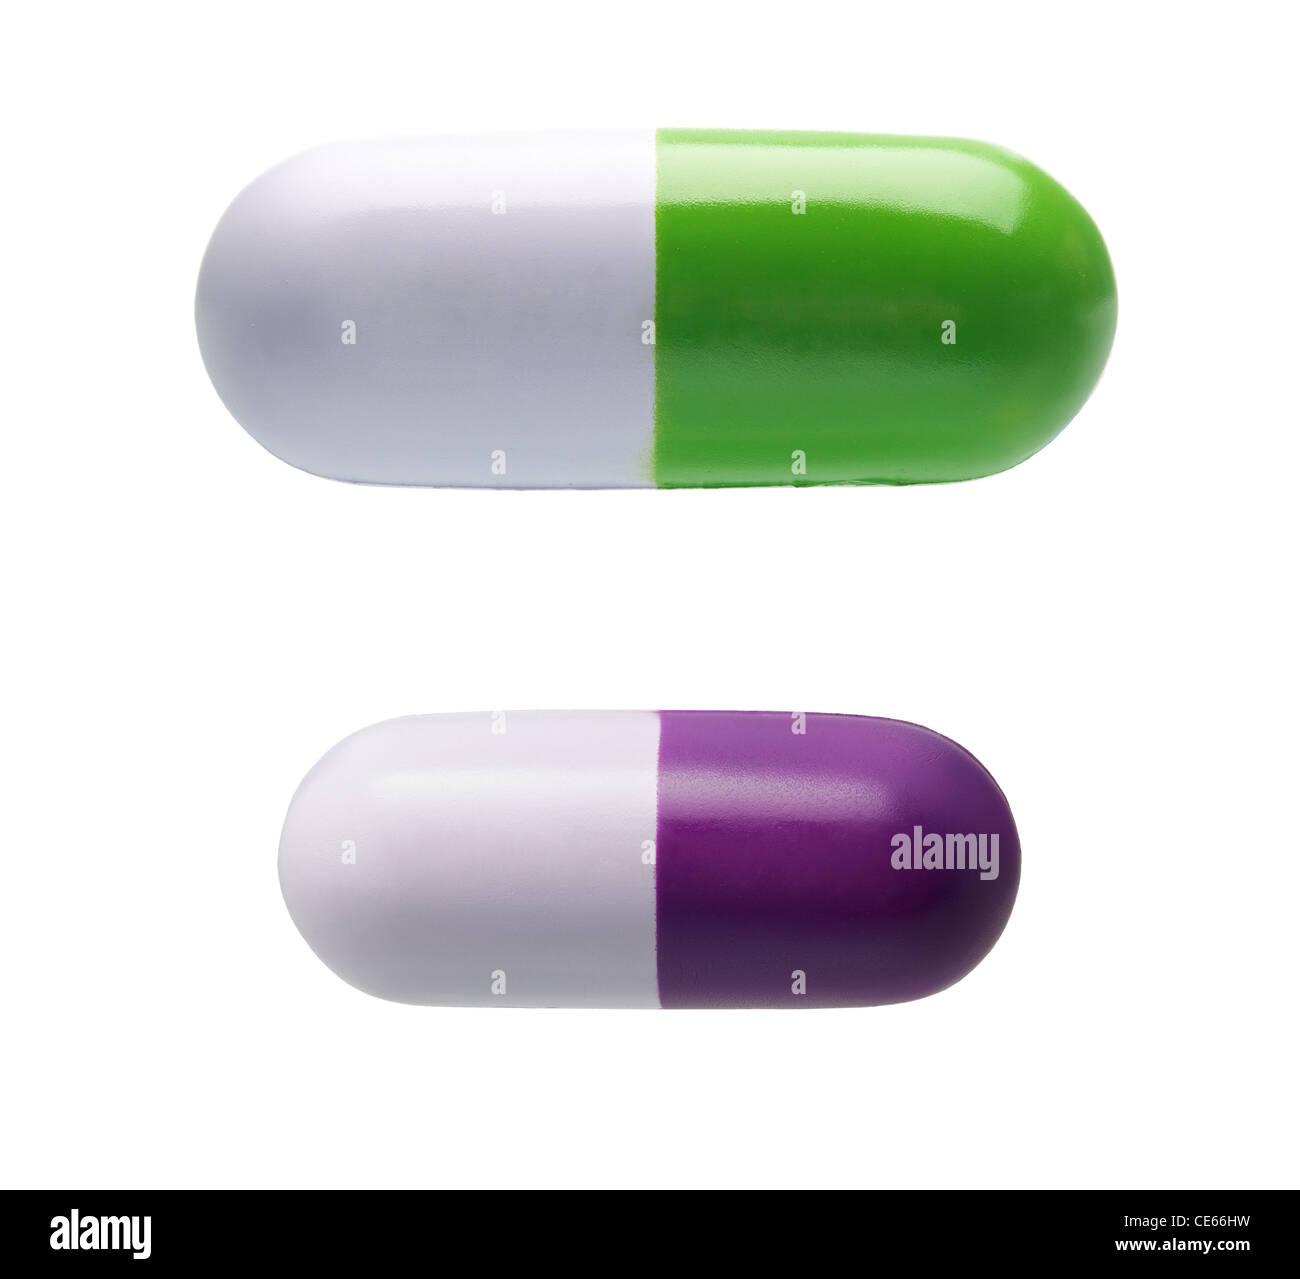 Zwei Pille geformt Anti-Stress-Spielzeug isoliert auf weißem Hintergrund Stockbild